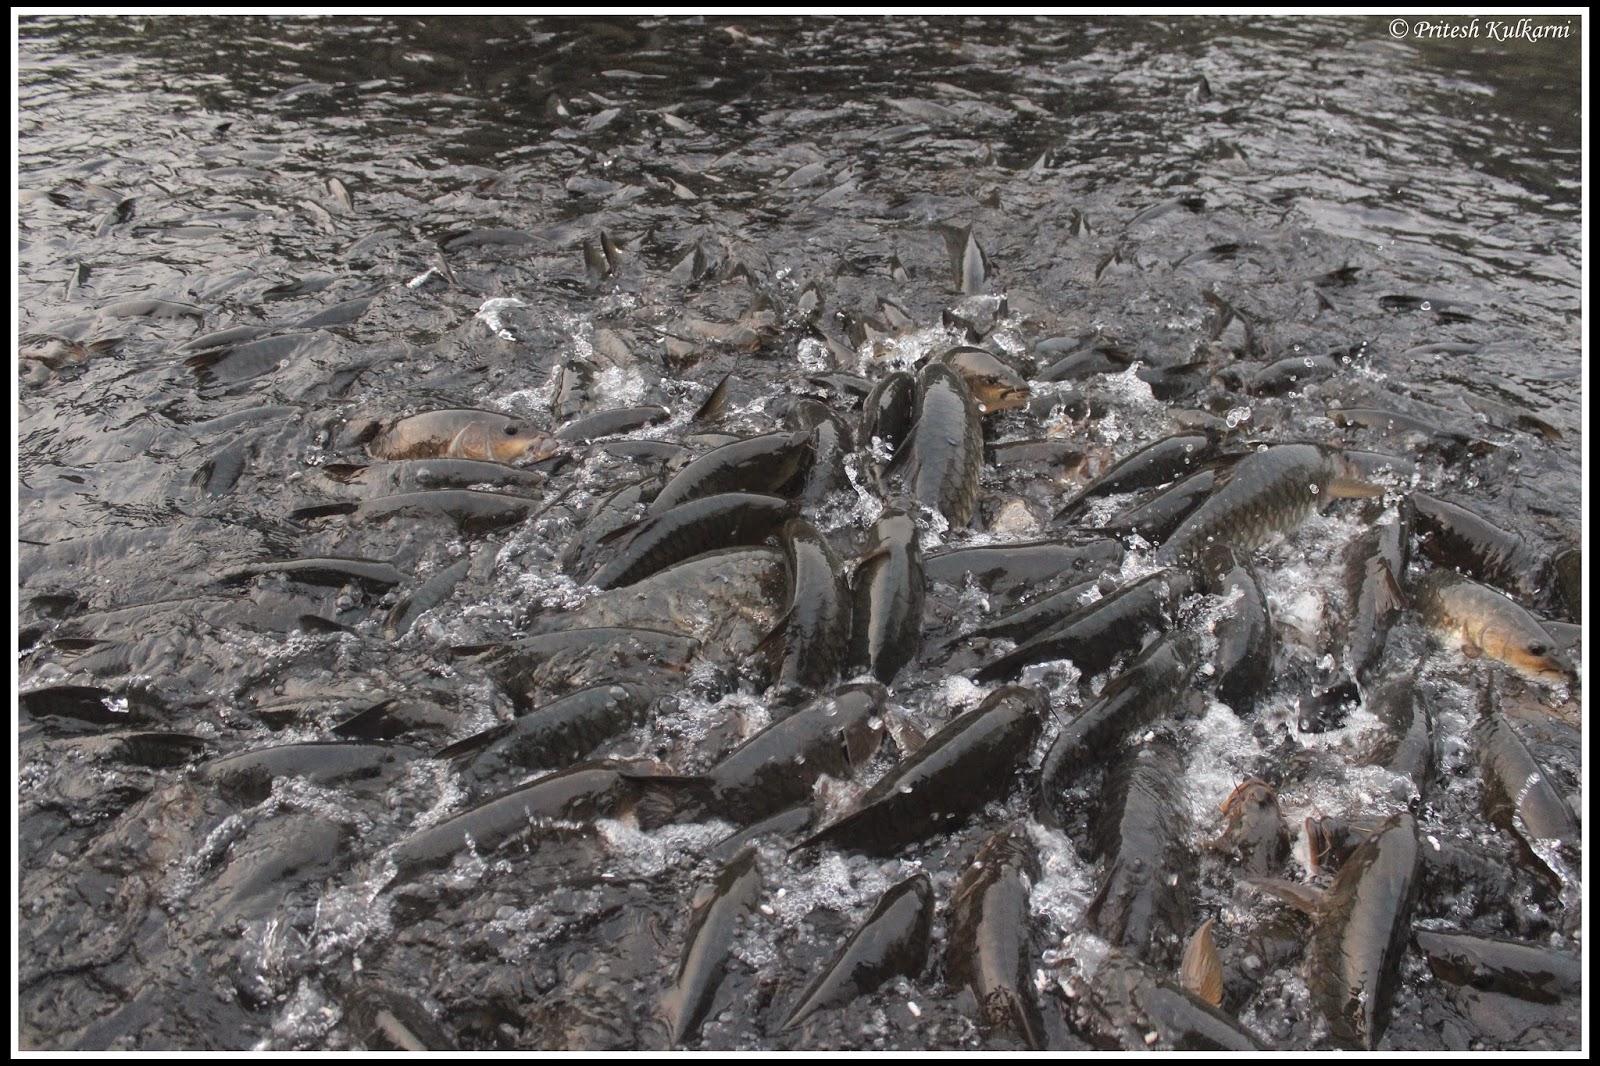 Mahseer fish at Shishila